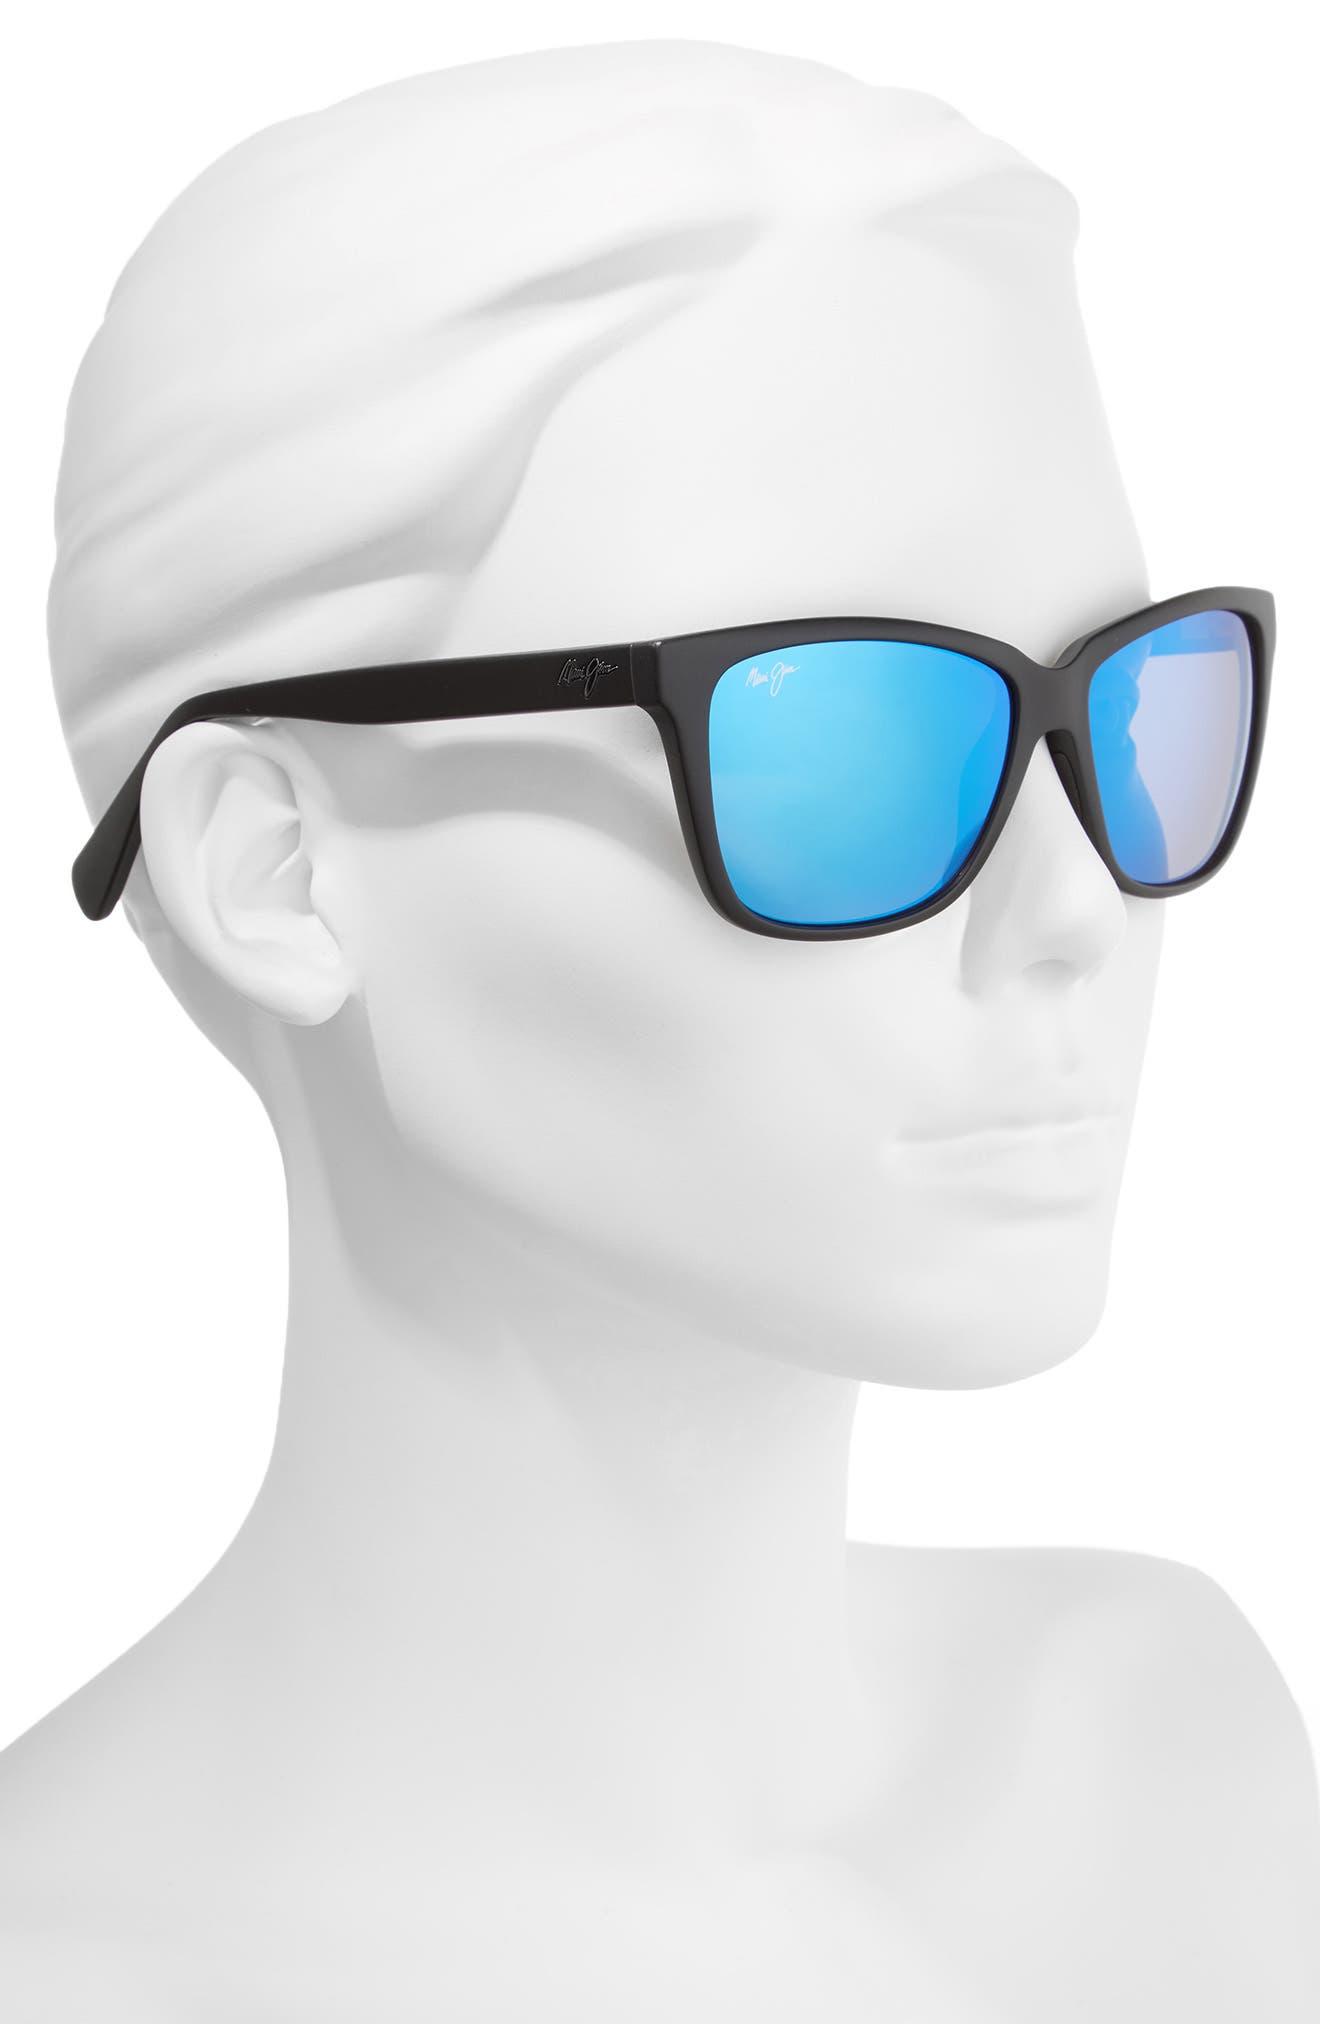 56mm Jacaranda Polarized Sunglasses,                             Alternate thumbnail 2, color,                             001